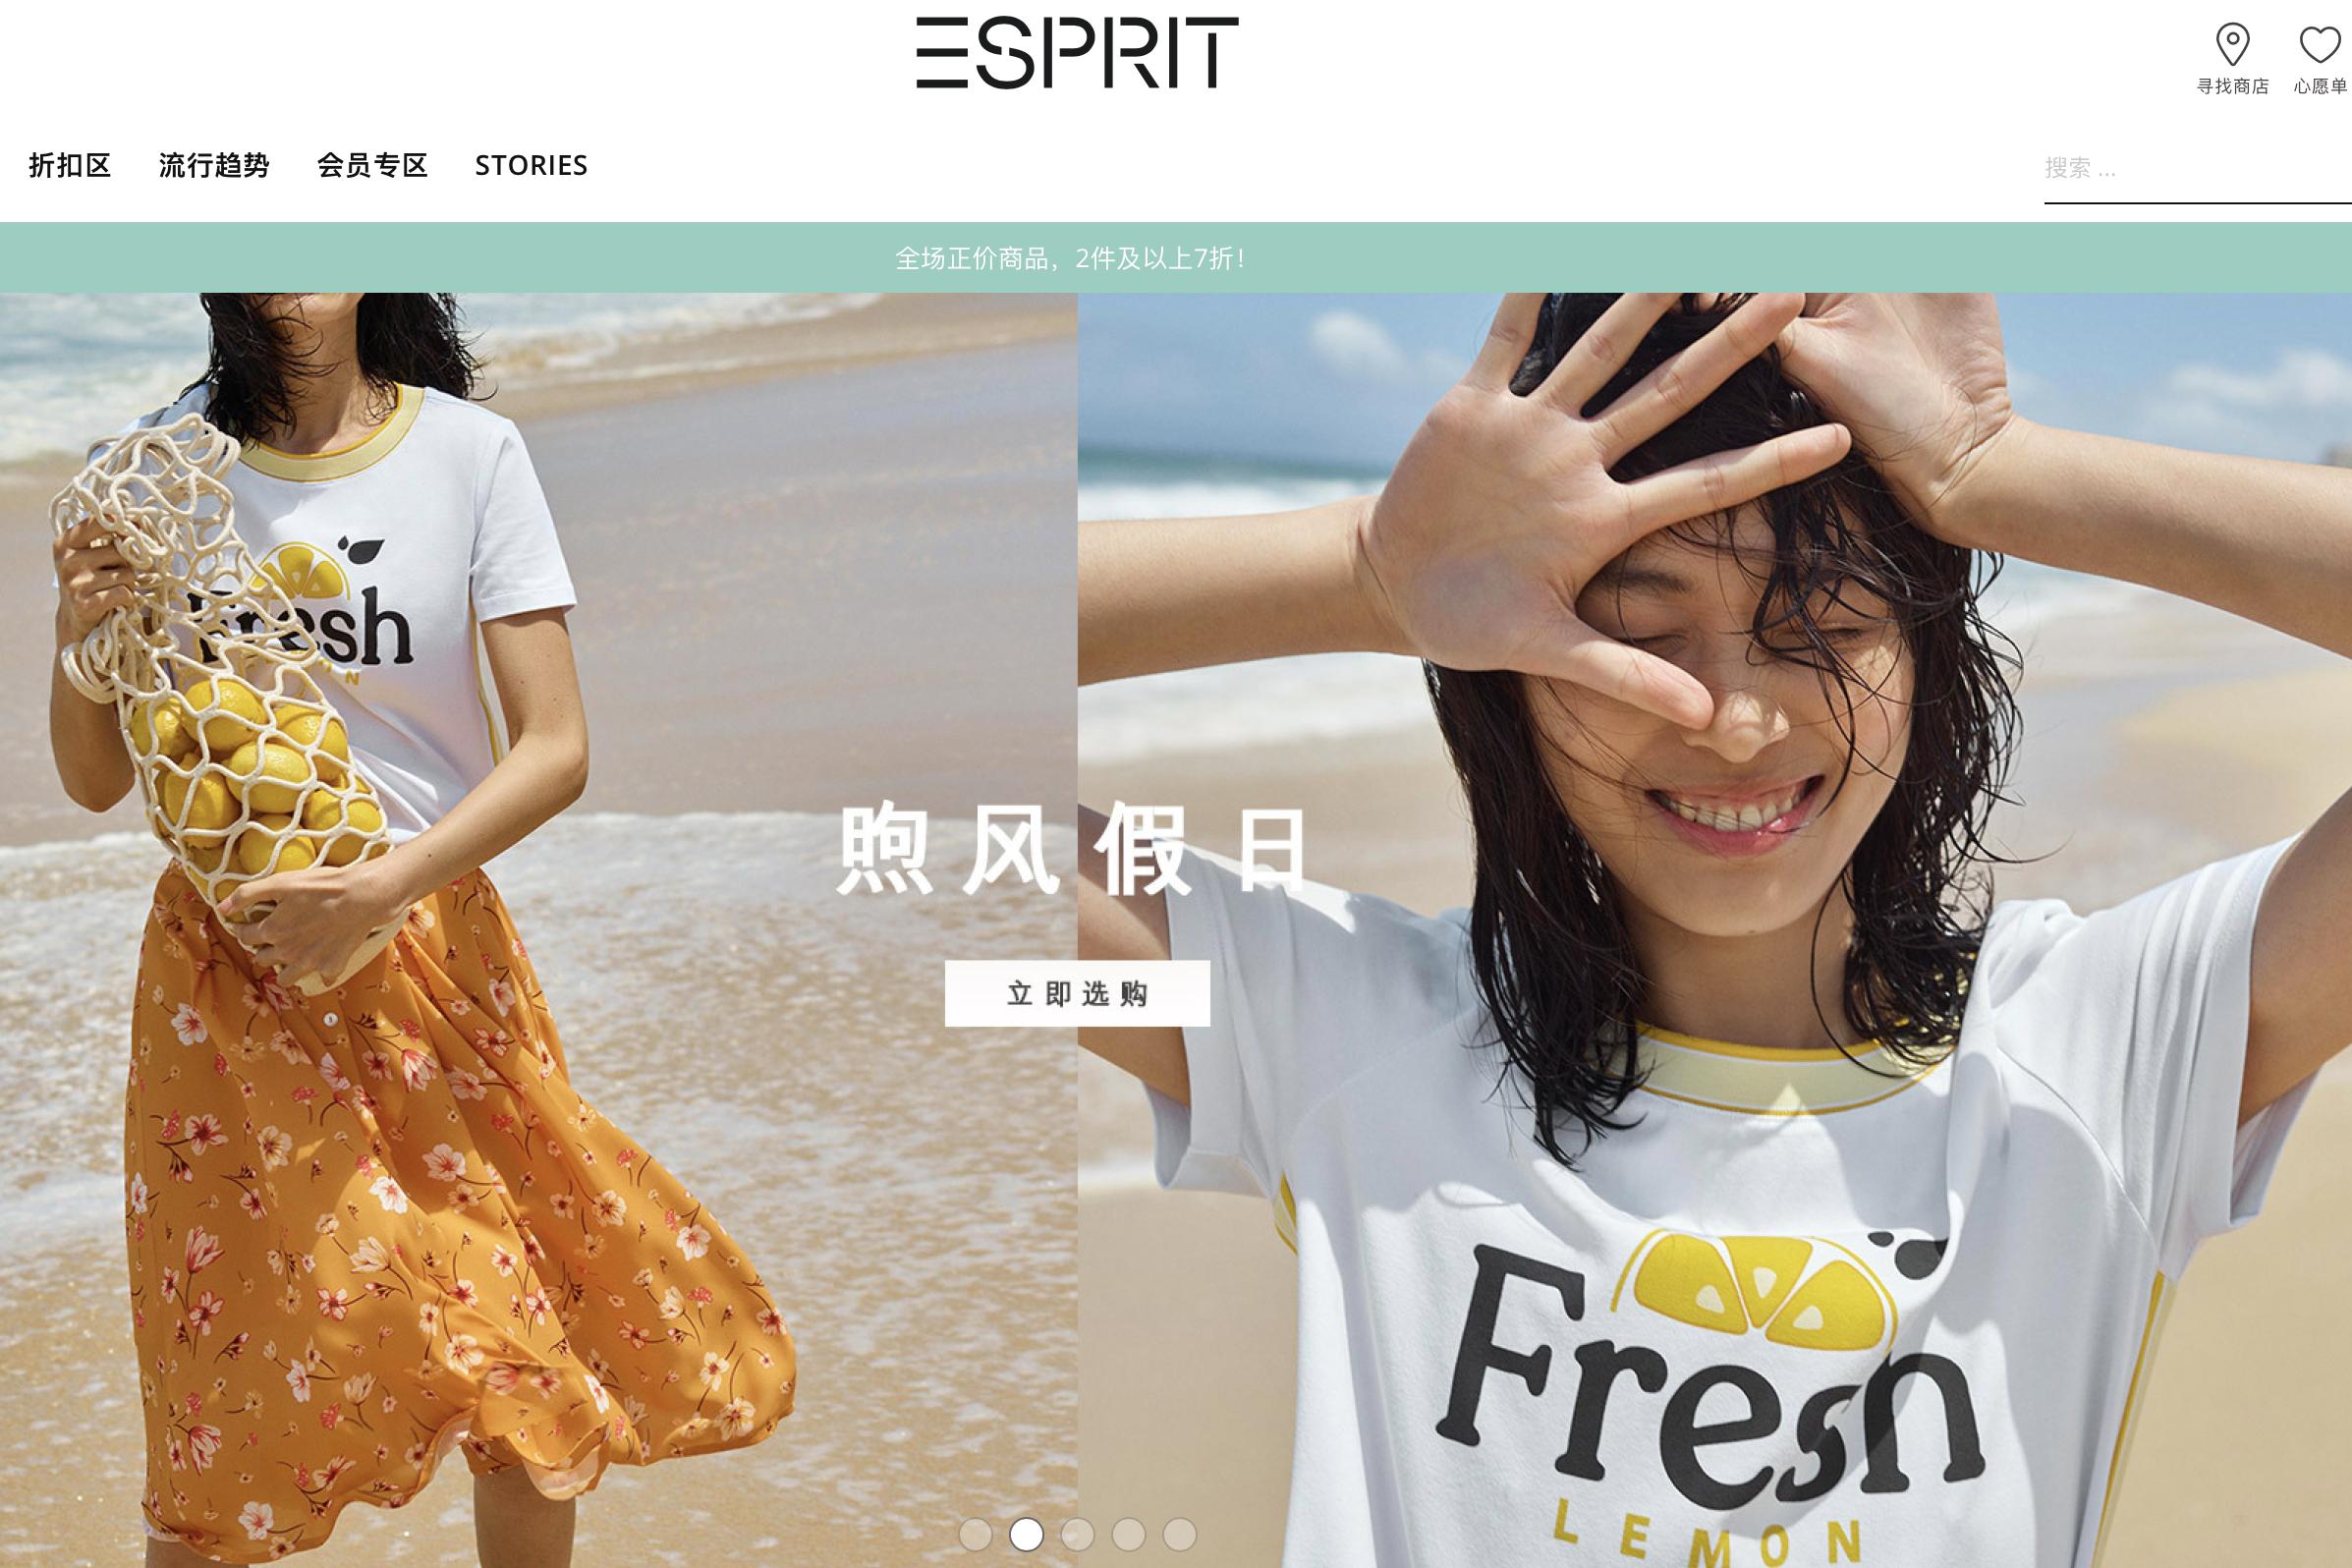 重组计划取得初步进展,香港时尚集团 Esprit 最新季度销售跌幅收窄